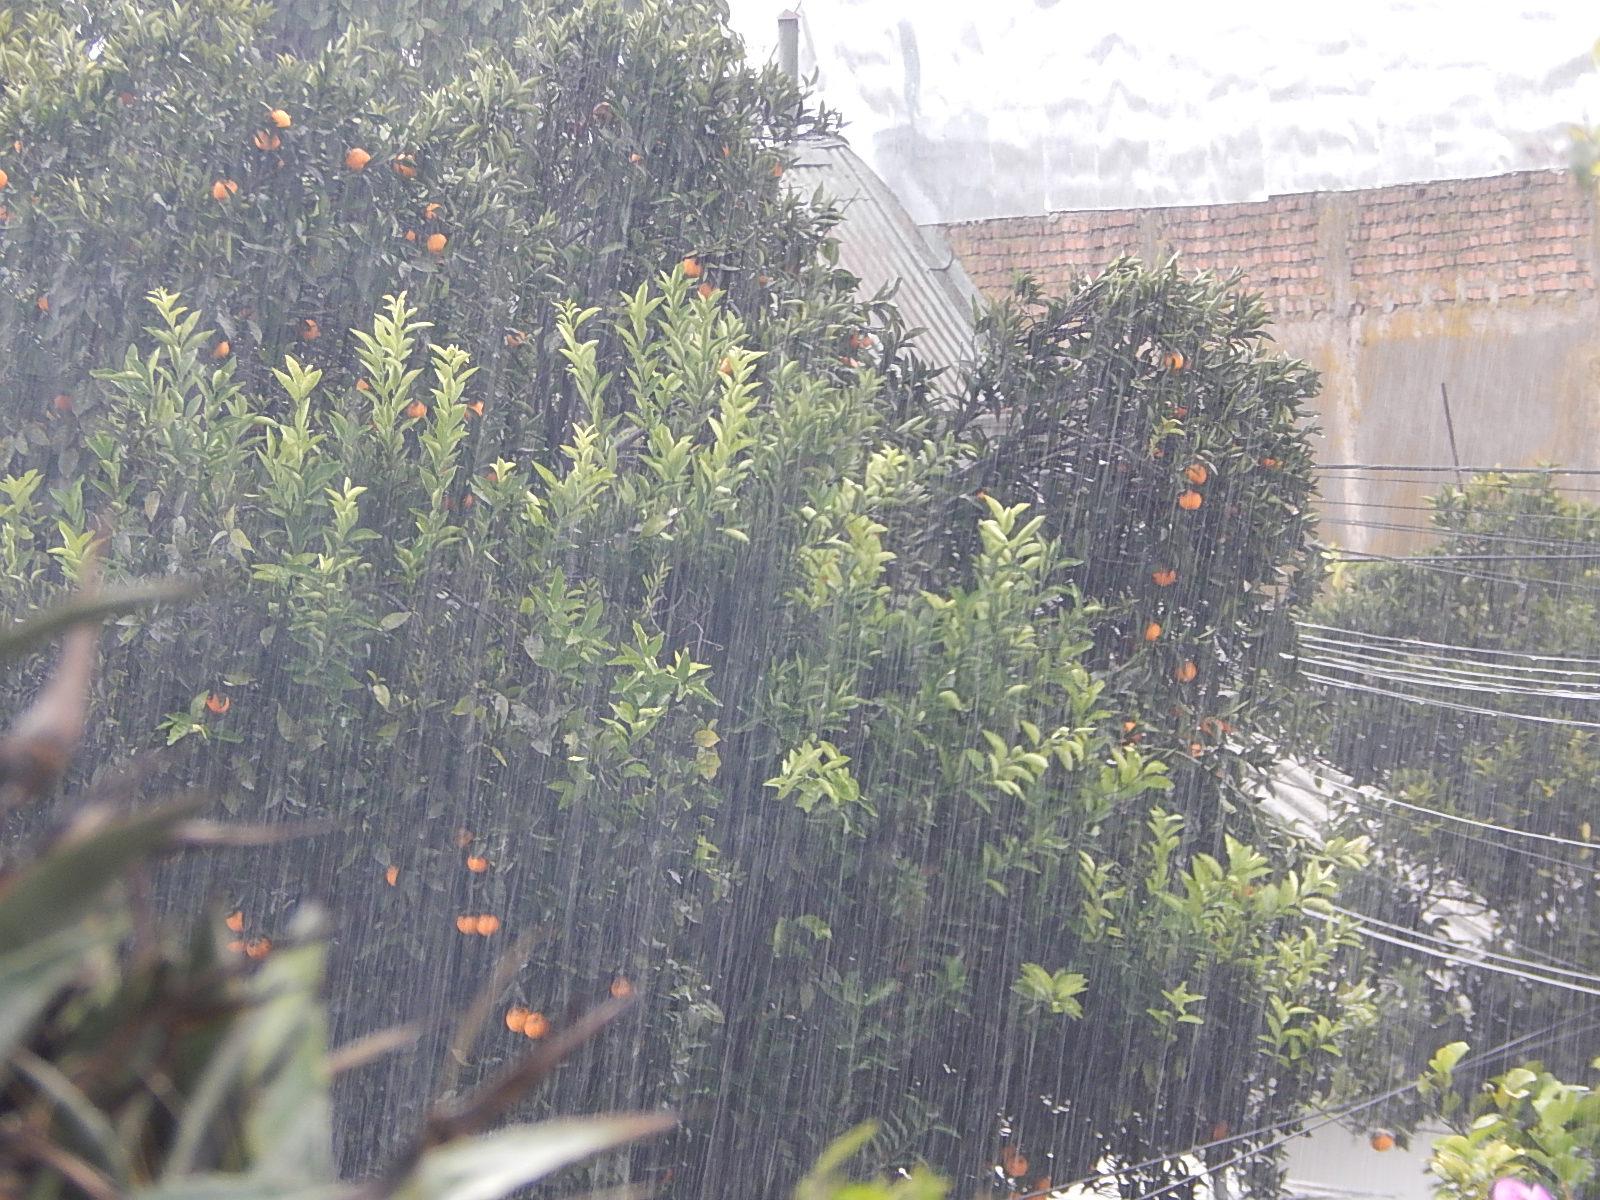 Escasas lluvias se pronostican para este año según experto en el Maule